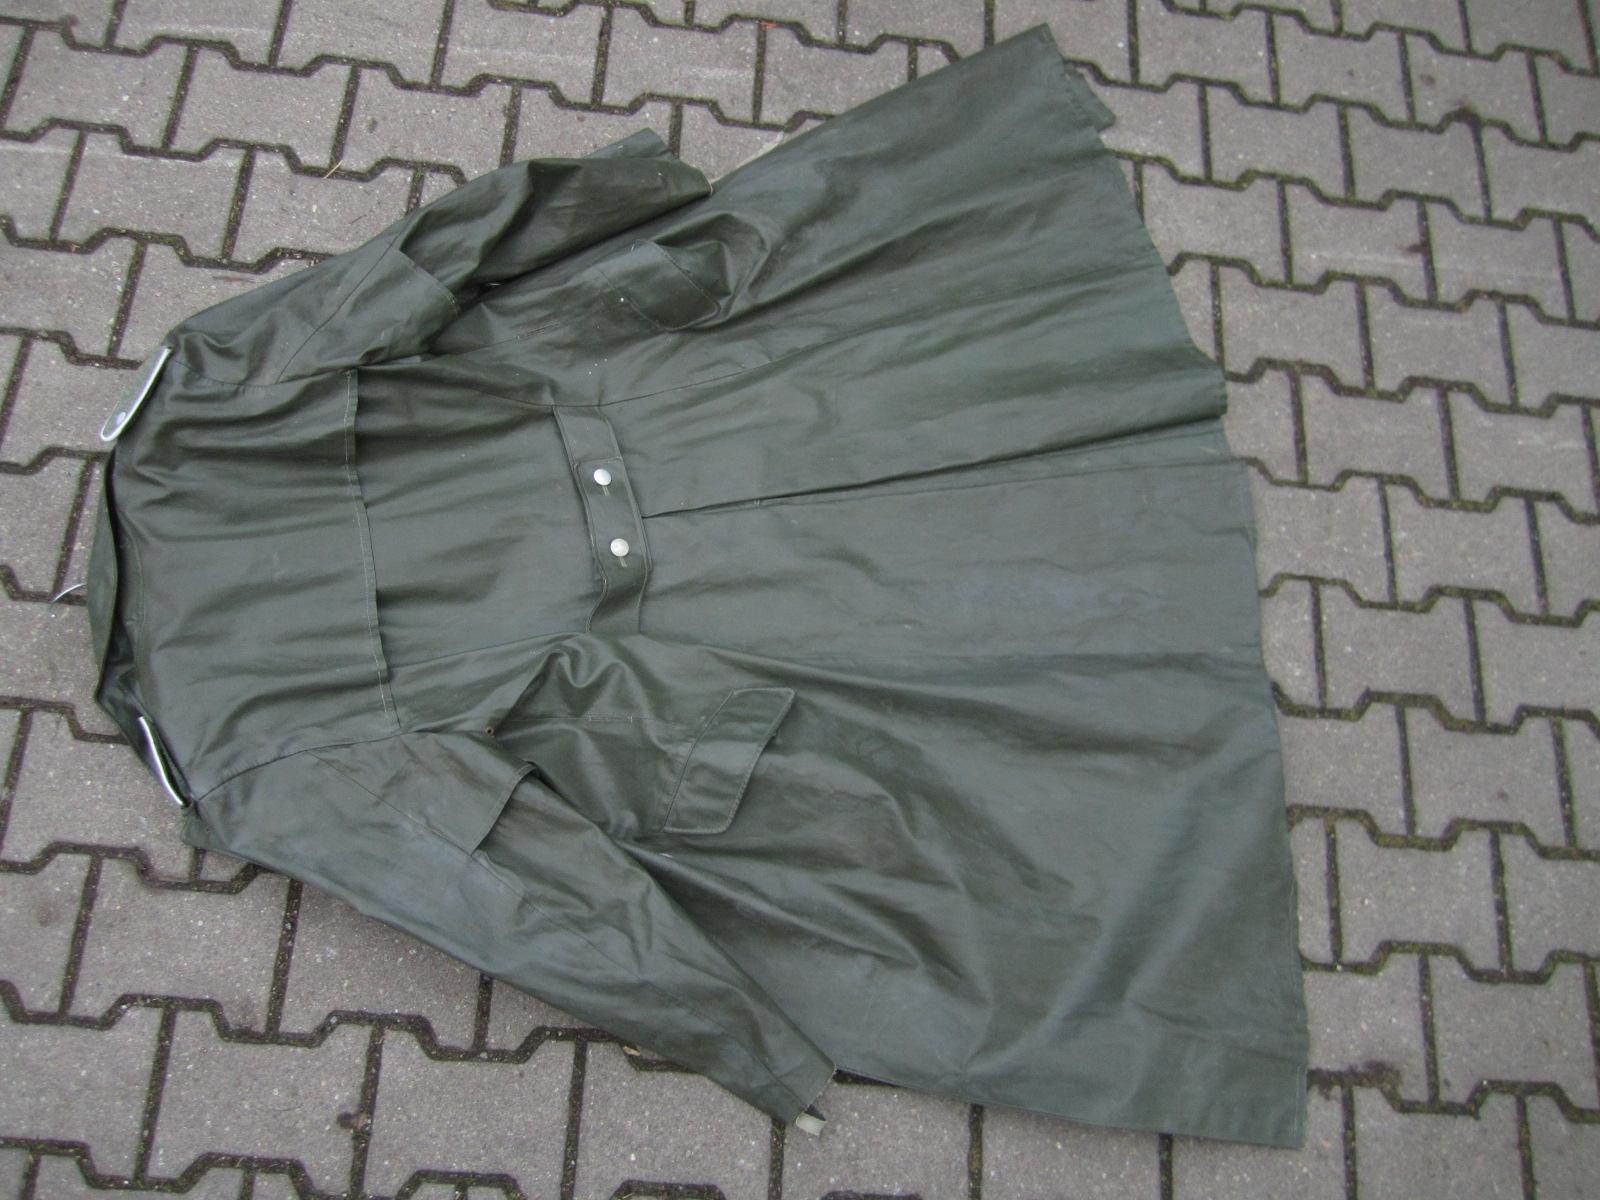 Identification Manteau de pluie WH 03b7b990-0afb-40f1-bdb7-35649d44b035